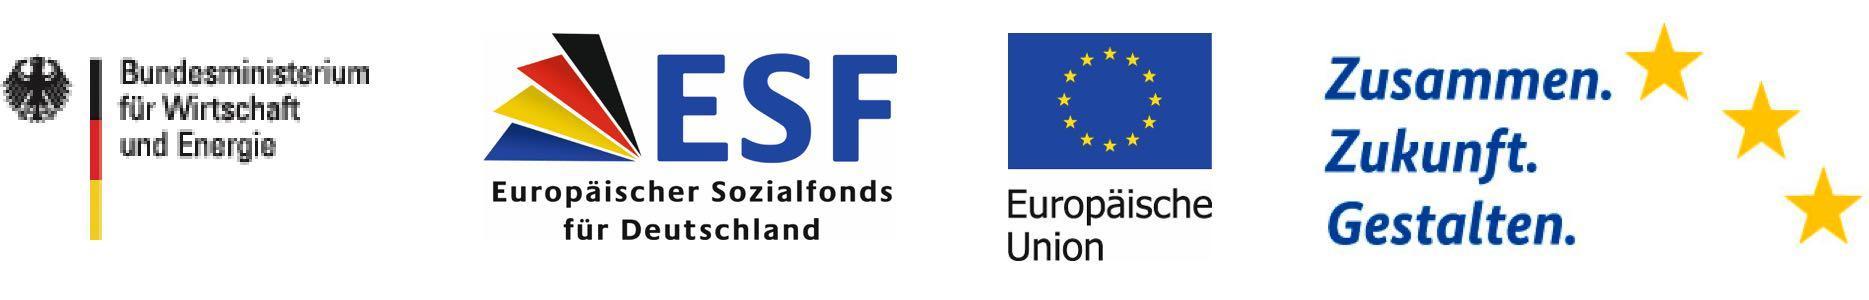 Logos BMWI, ESF, EU, Zusammen. Zukunft. Gestalten.